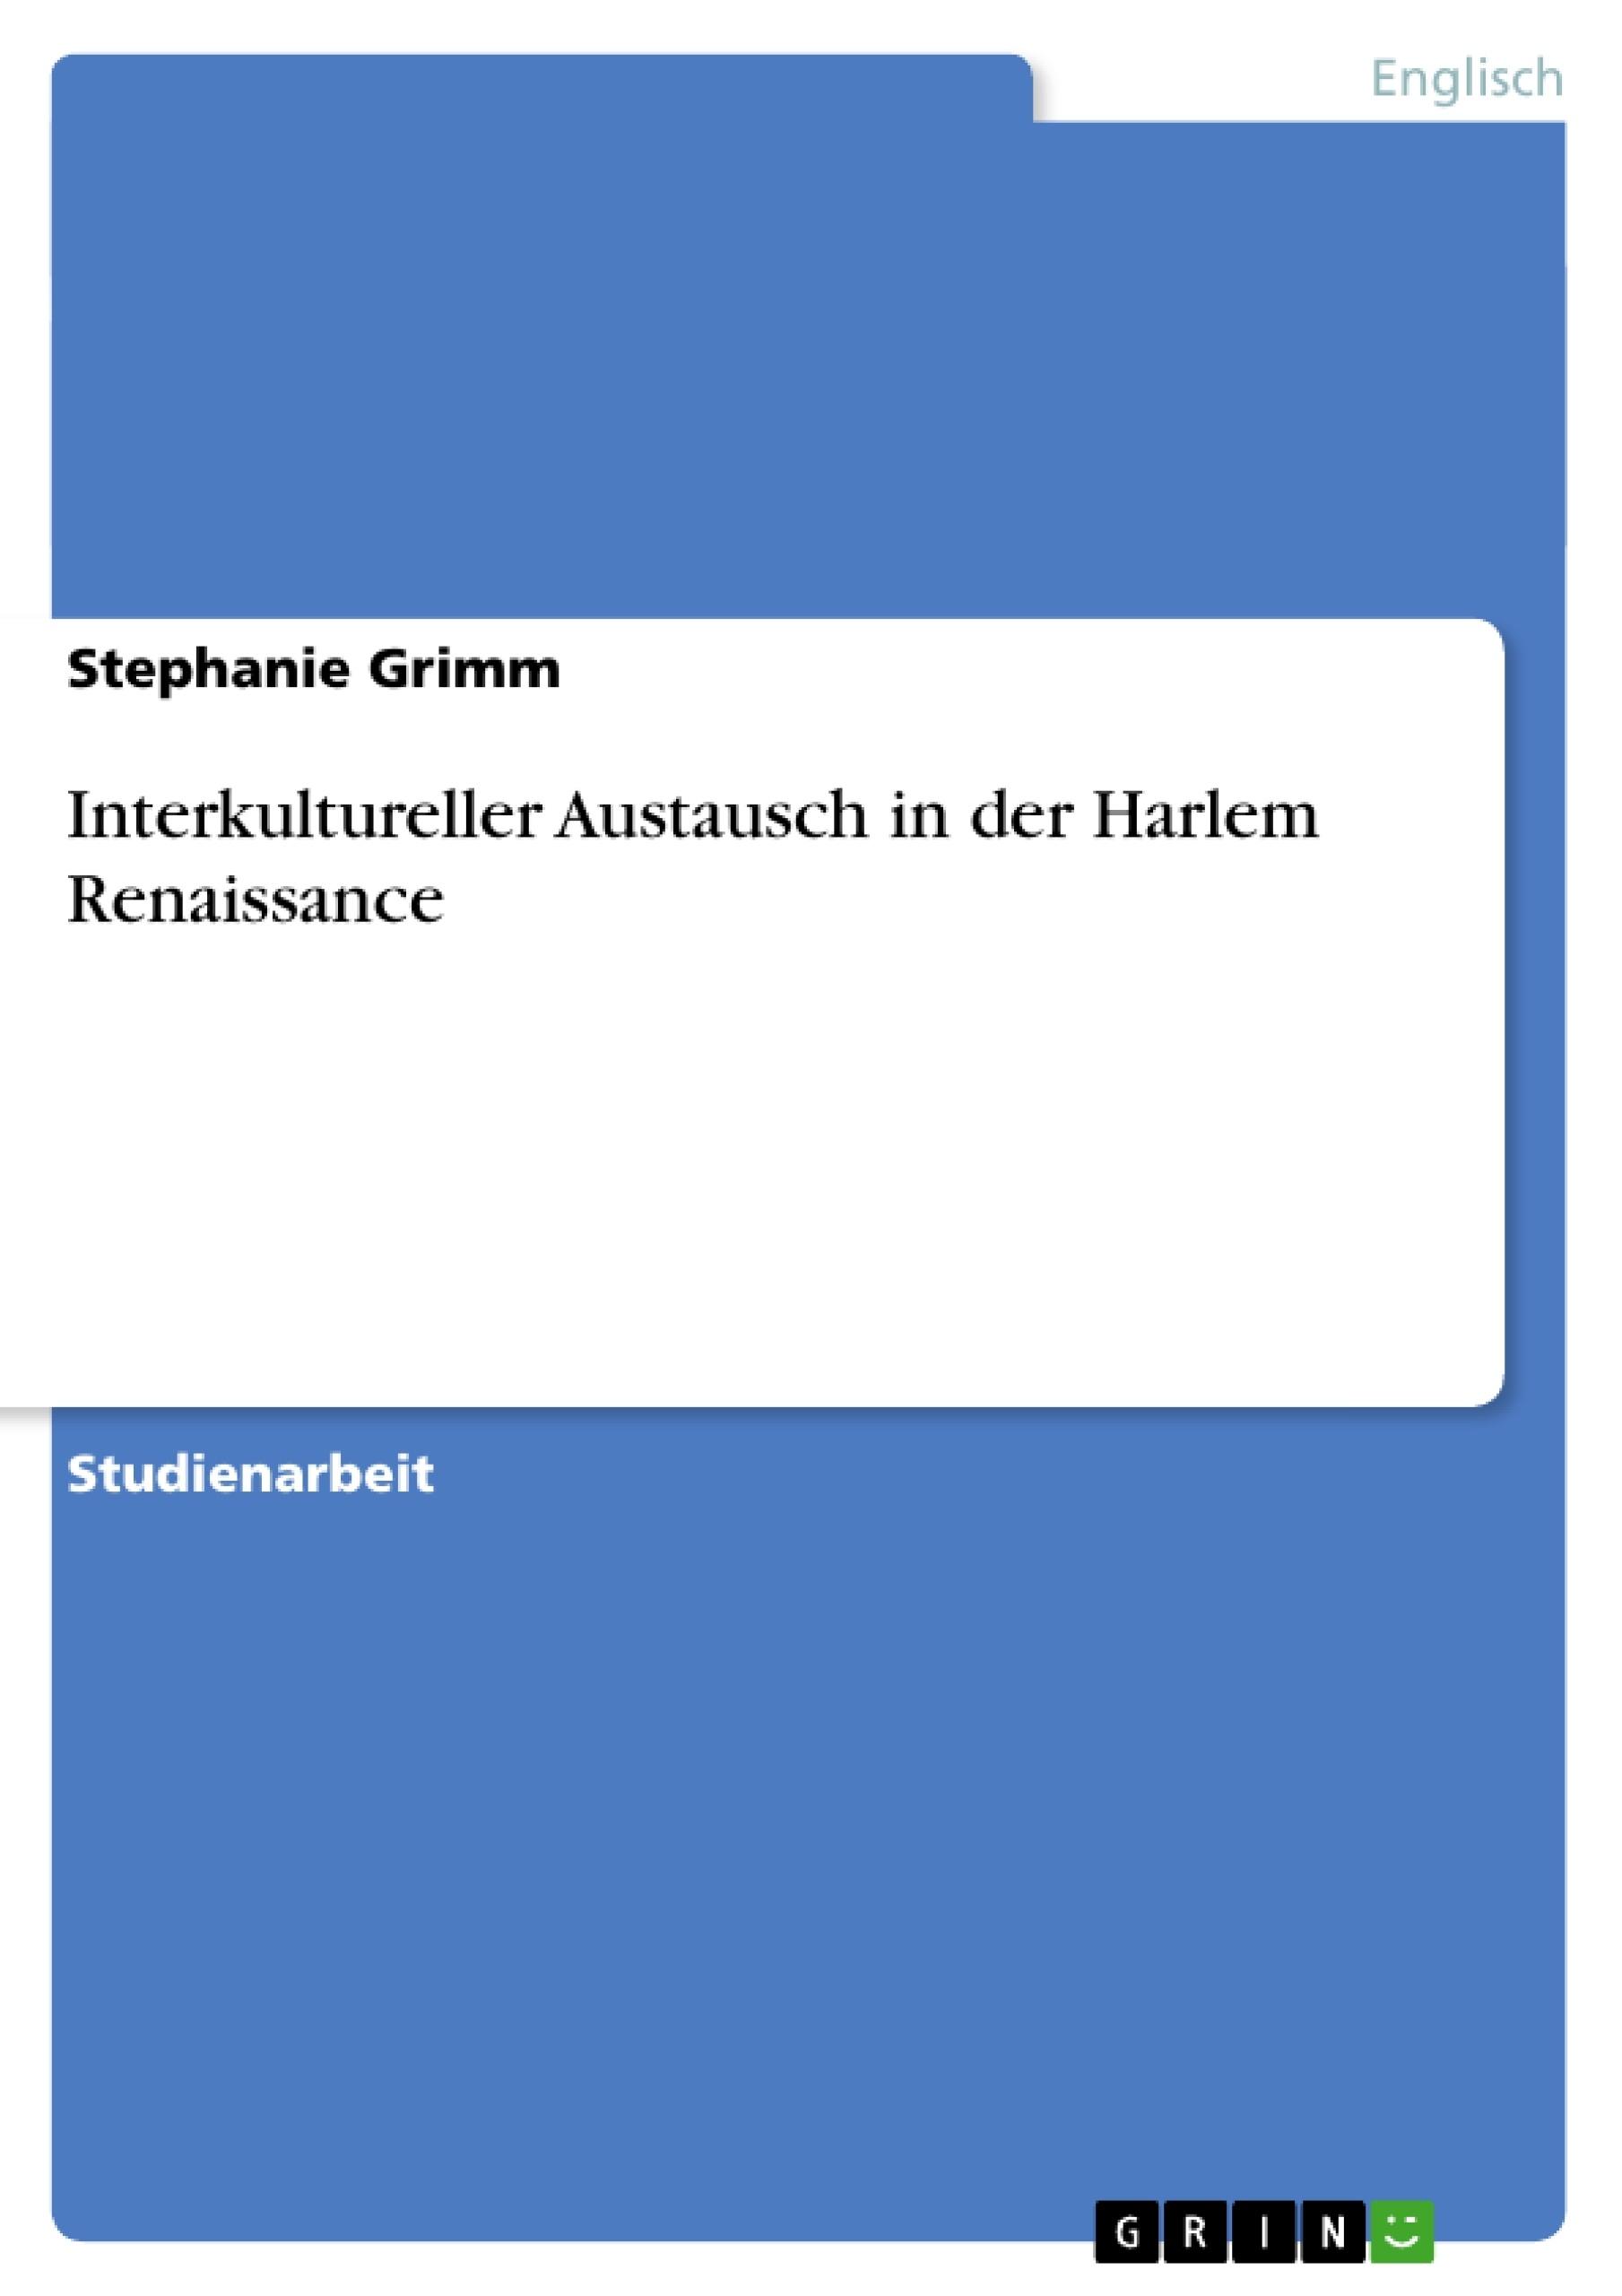 Titel: Interkultureller Austausch in der Harlem Renaissance